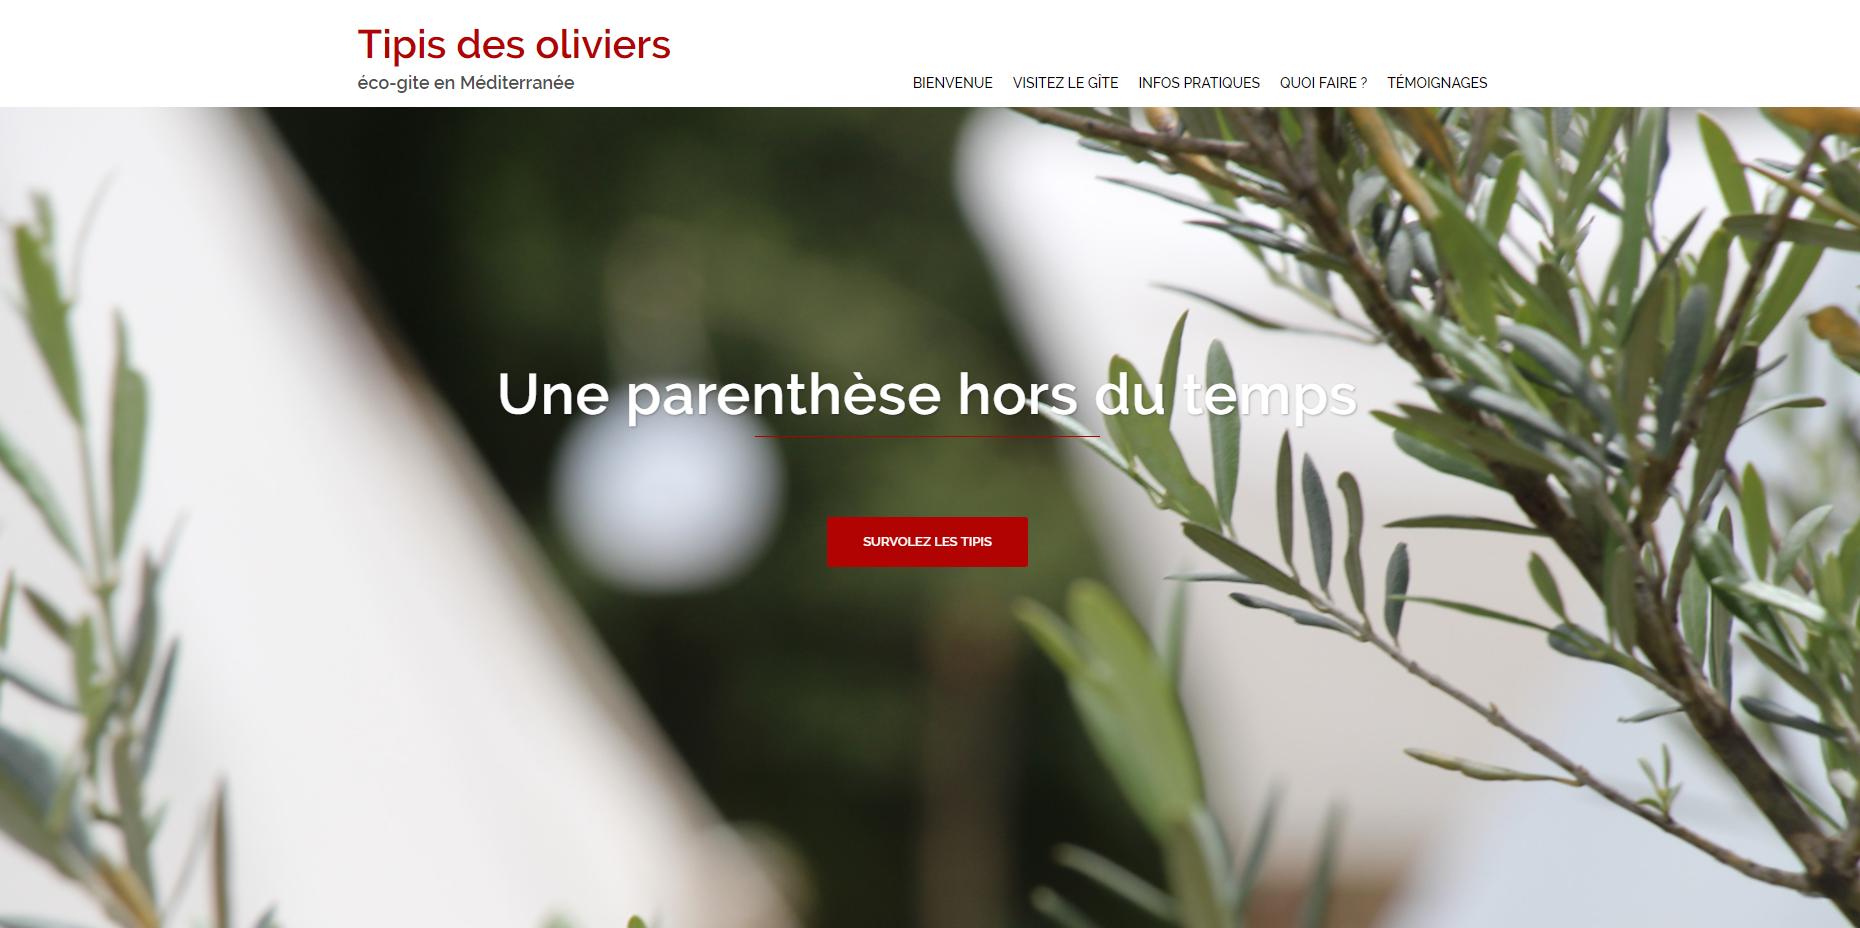 gite écologique près de Montpellier et Nîmes